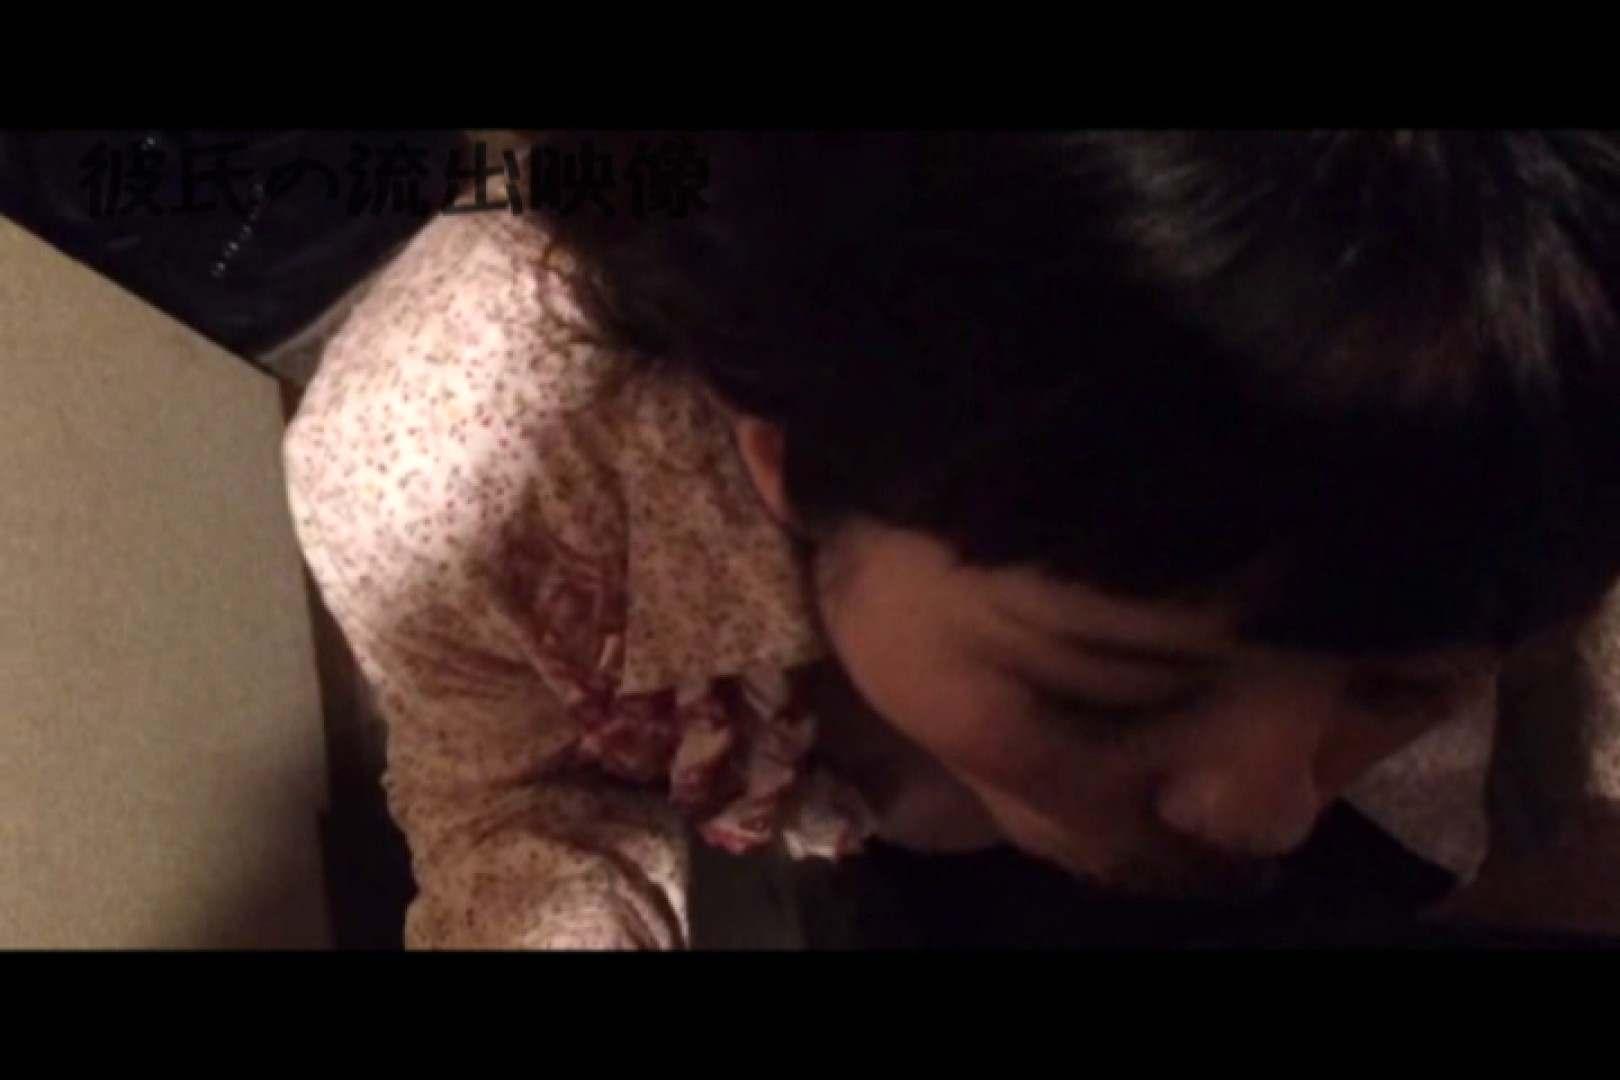 彼氏が流出 パイパン素人嬢のハメ撮り映像03 カップル | 可愛いパイパン  92pic 51